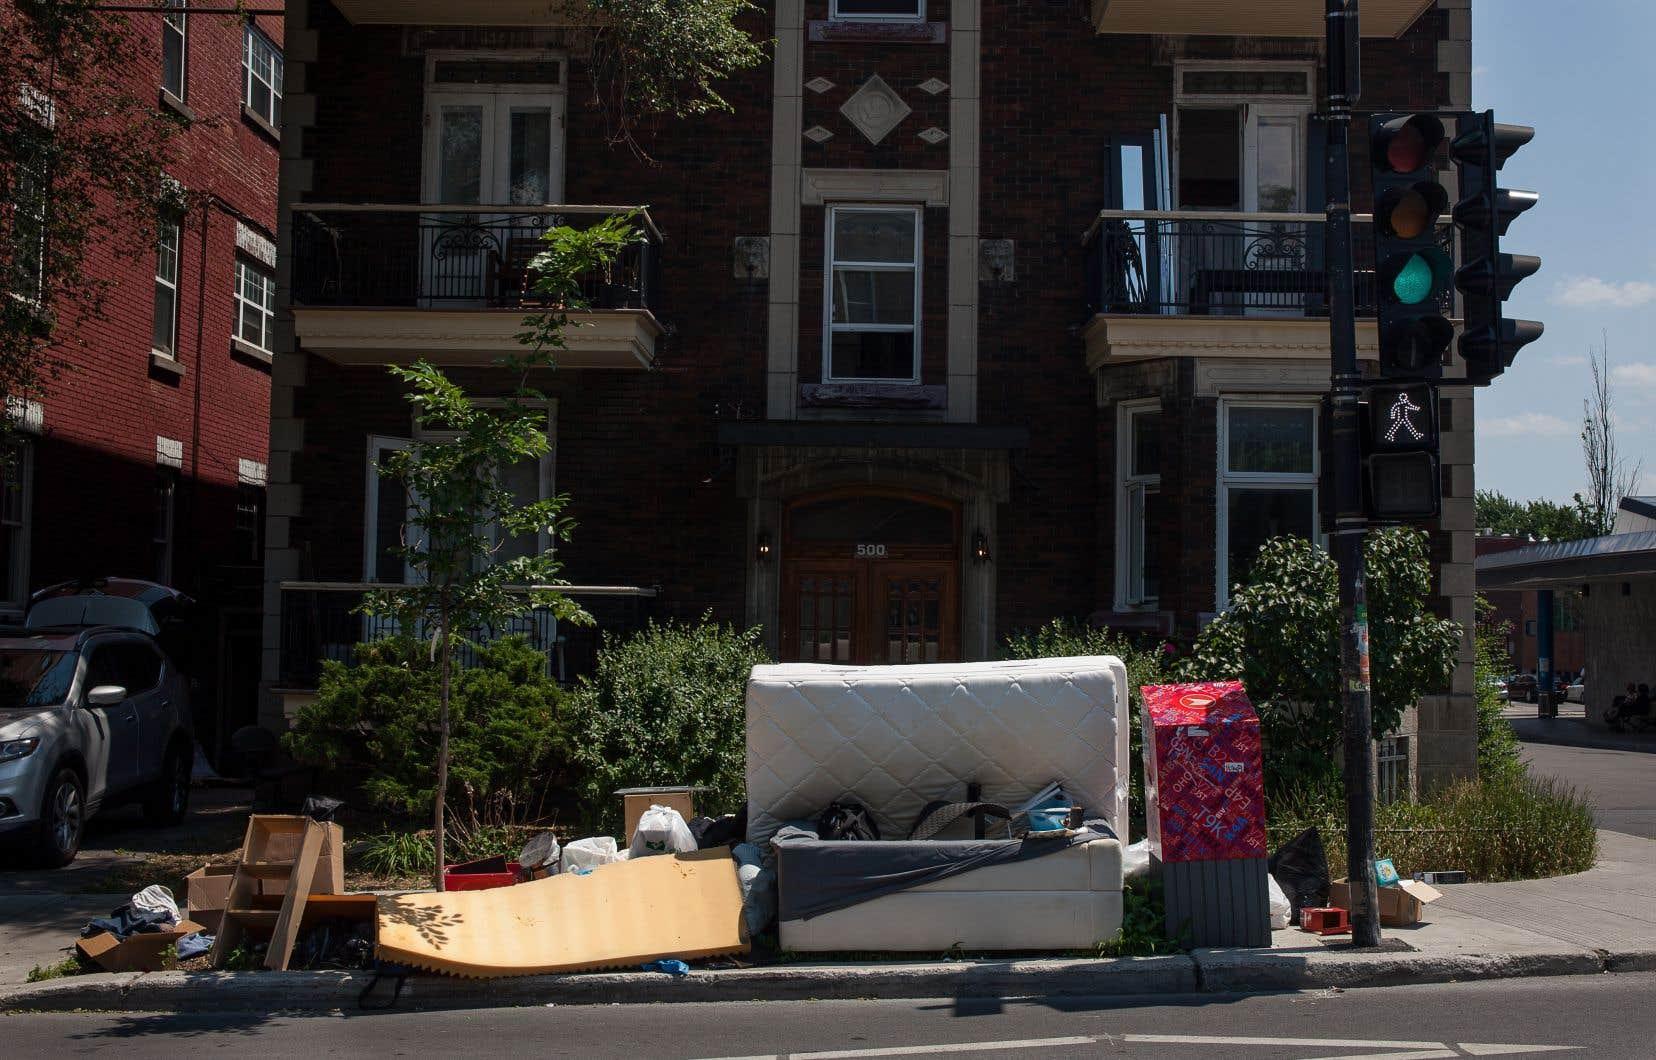 «Le 1er juillet de chaque année, le Québec vomit ses meubles IKEA et autres trésors sur les trottoirs», écrit l'auteur.